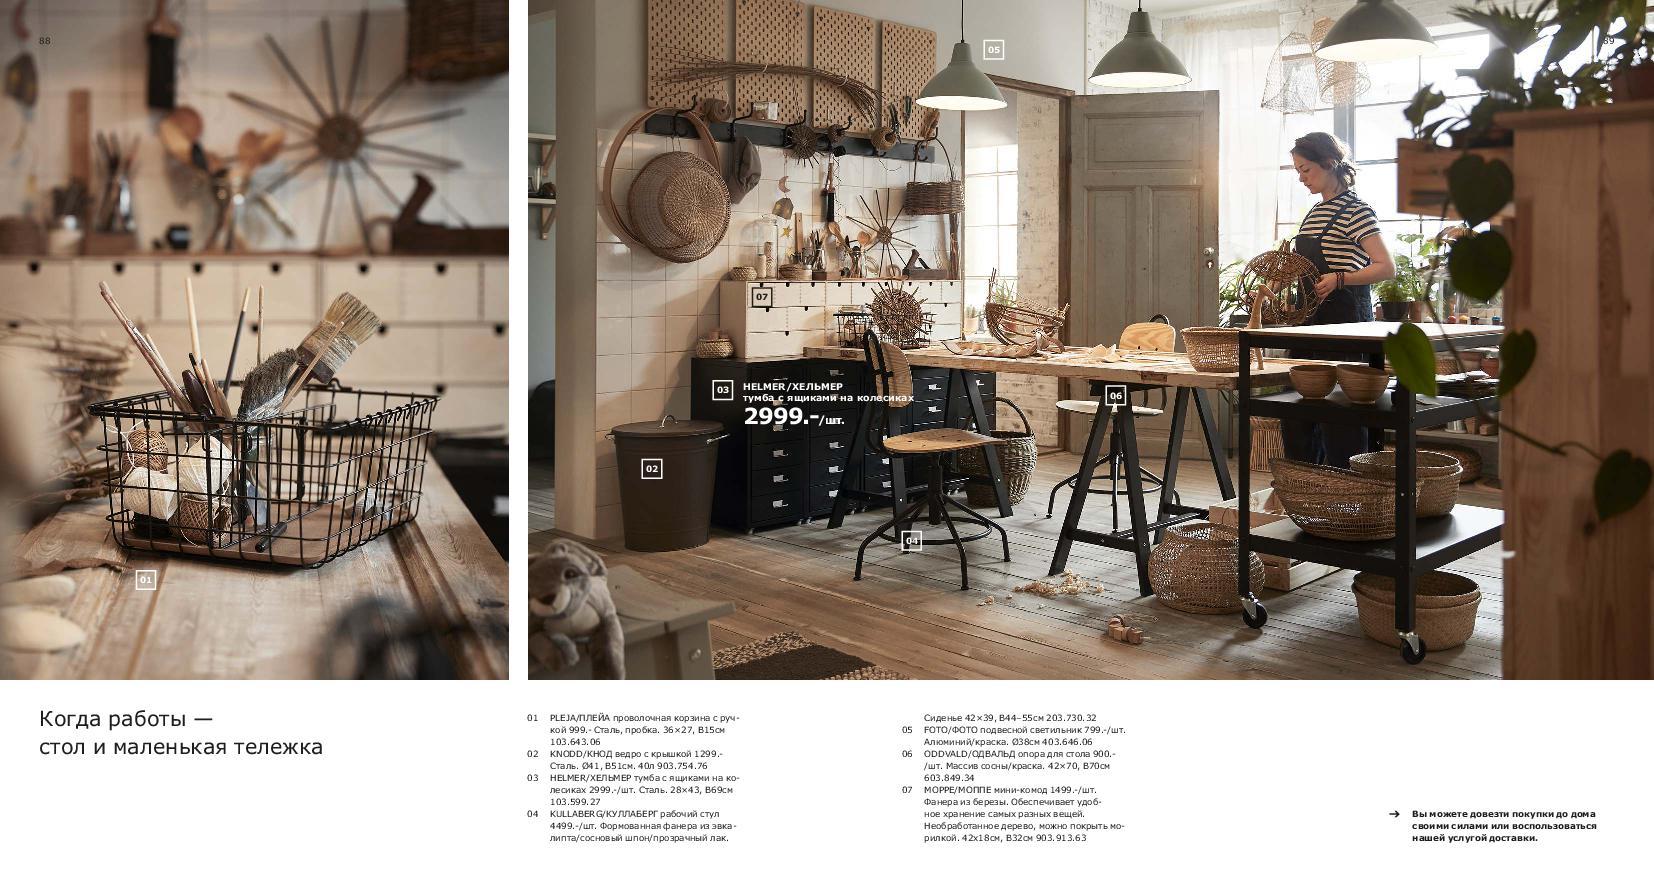 IKEA_catalogue_2019-45